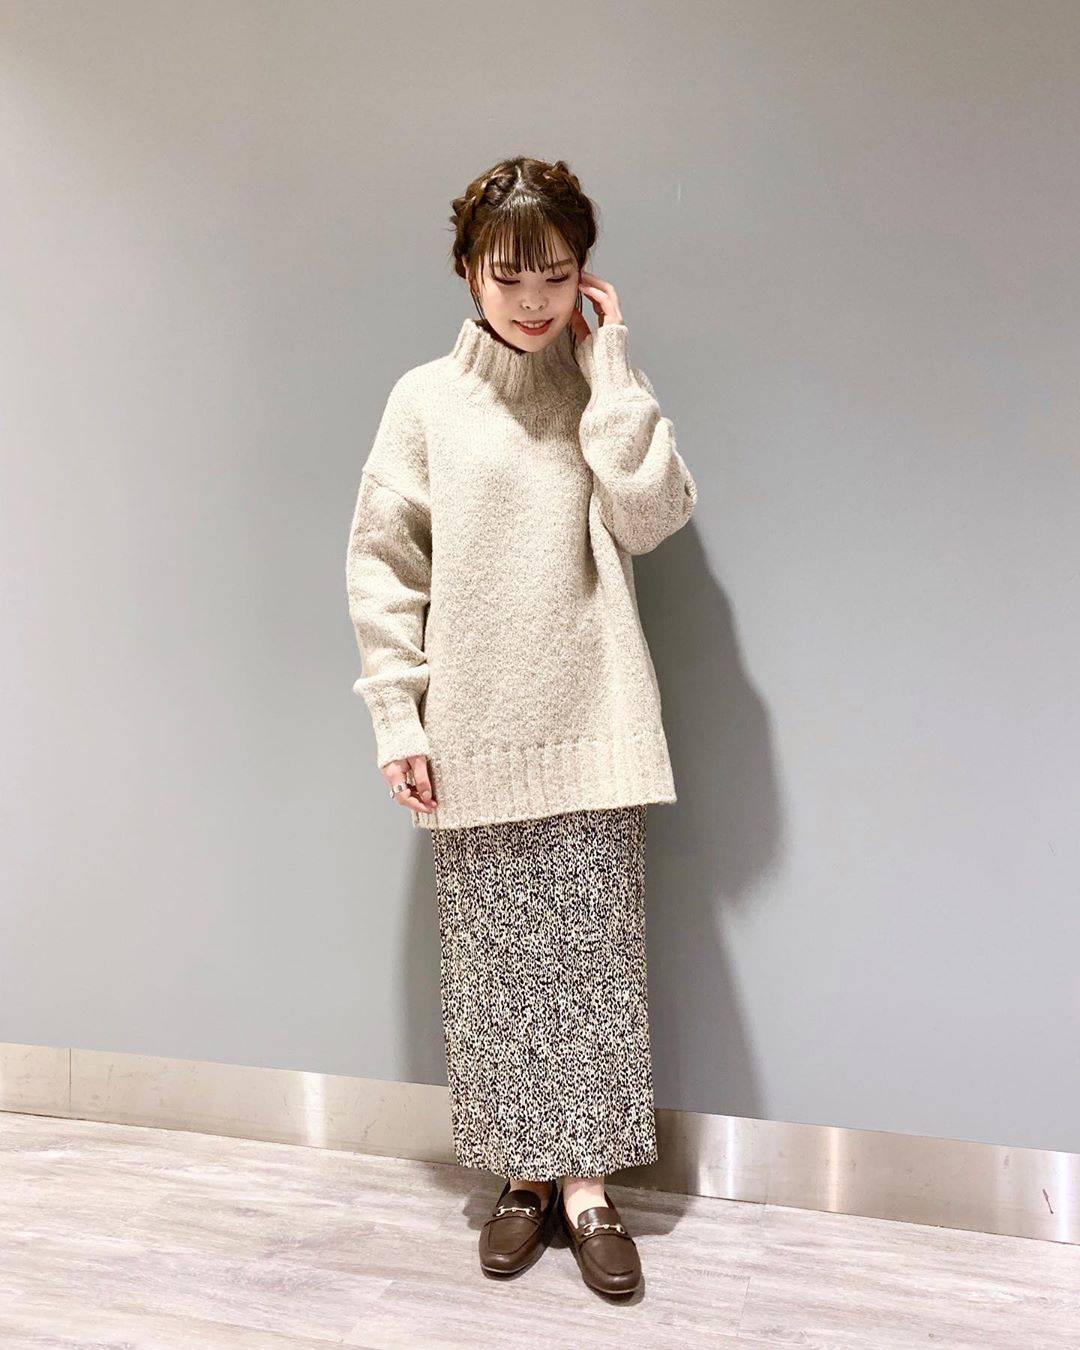 最高気温15度・最低気温8度 sumire__apの服装